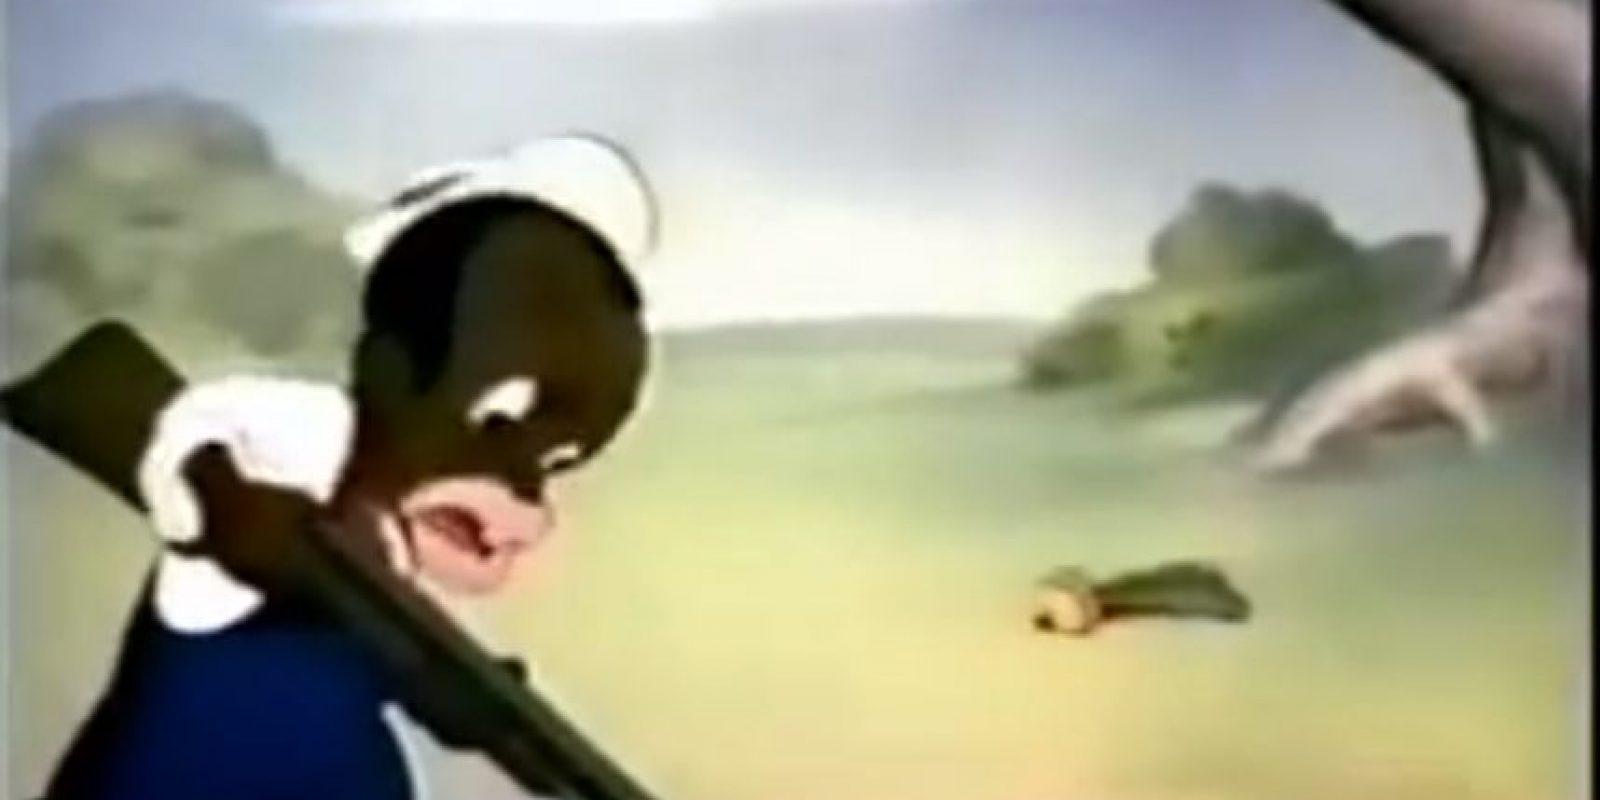 Ahí se ve a un cazador afroamericano acechando a Bugs Bunny. Lo presenta como lerdo y estúpido. Foto:Warner